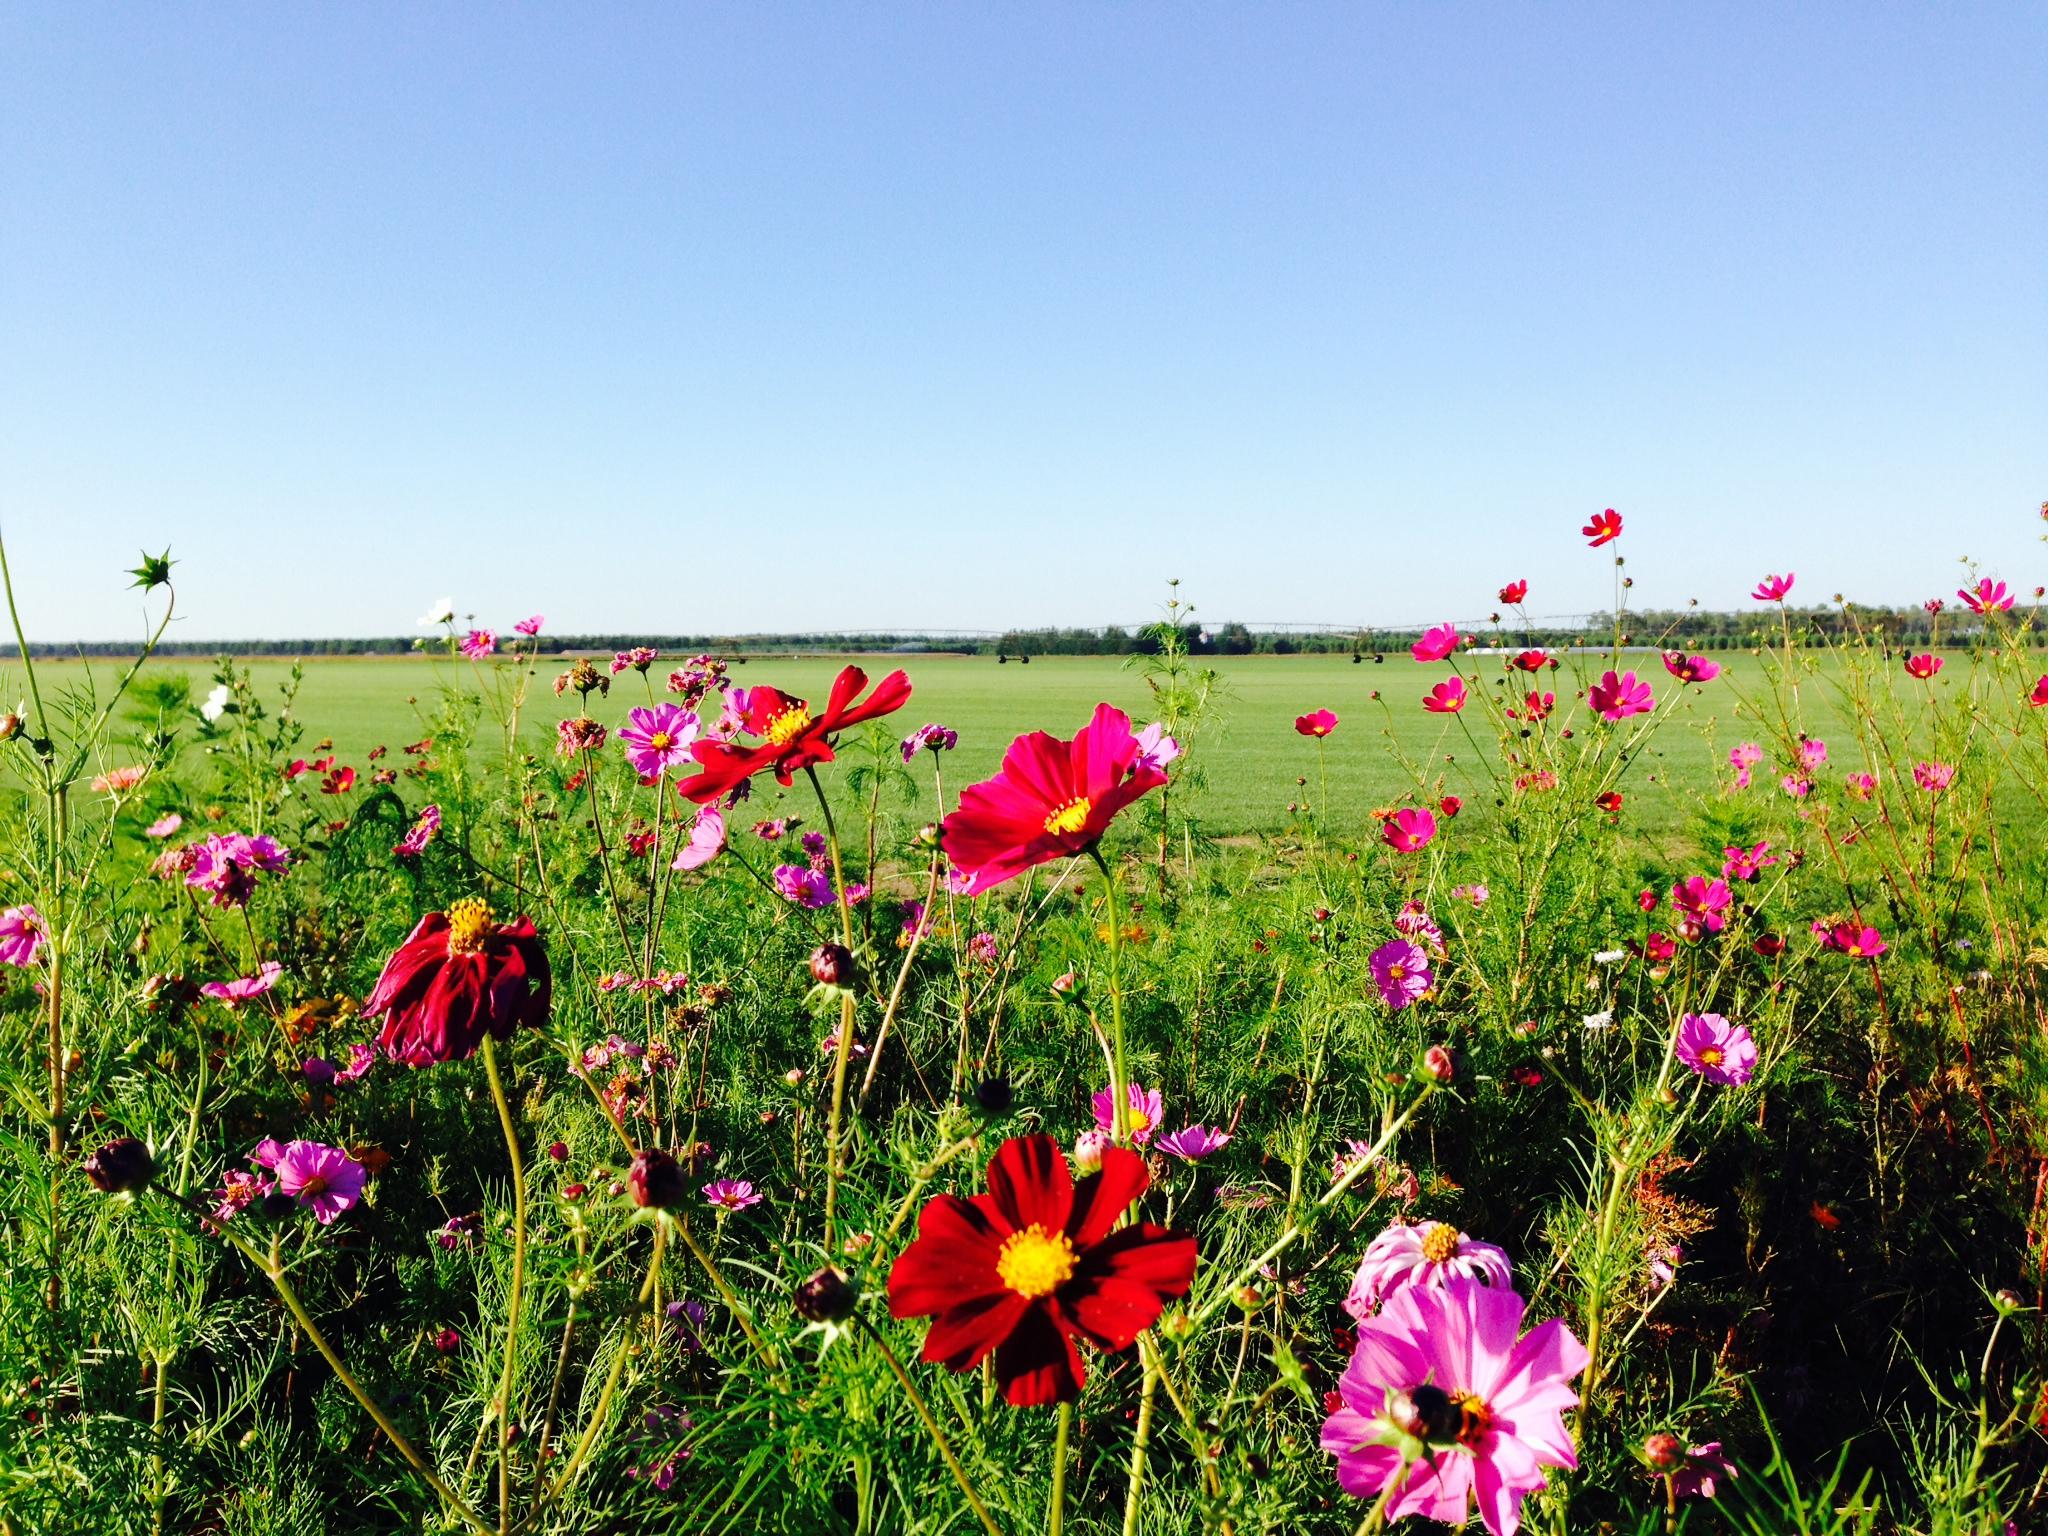 pelouse synthetique avec fleurs